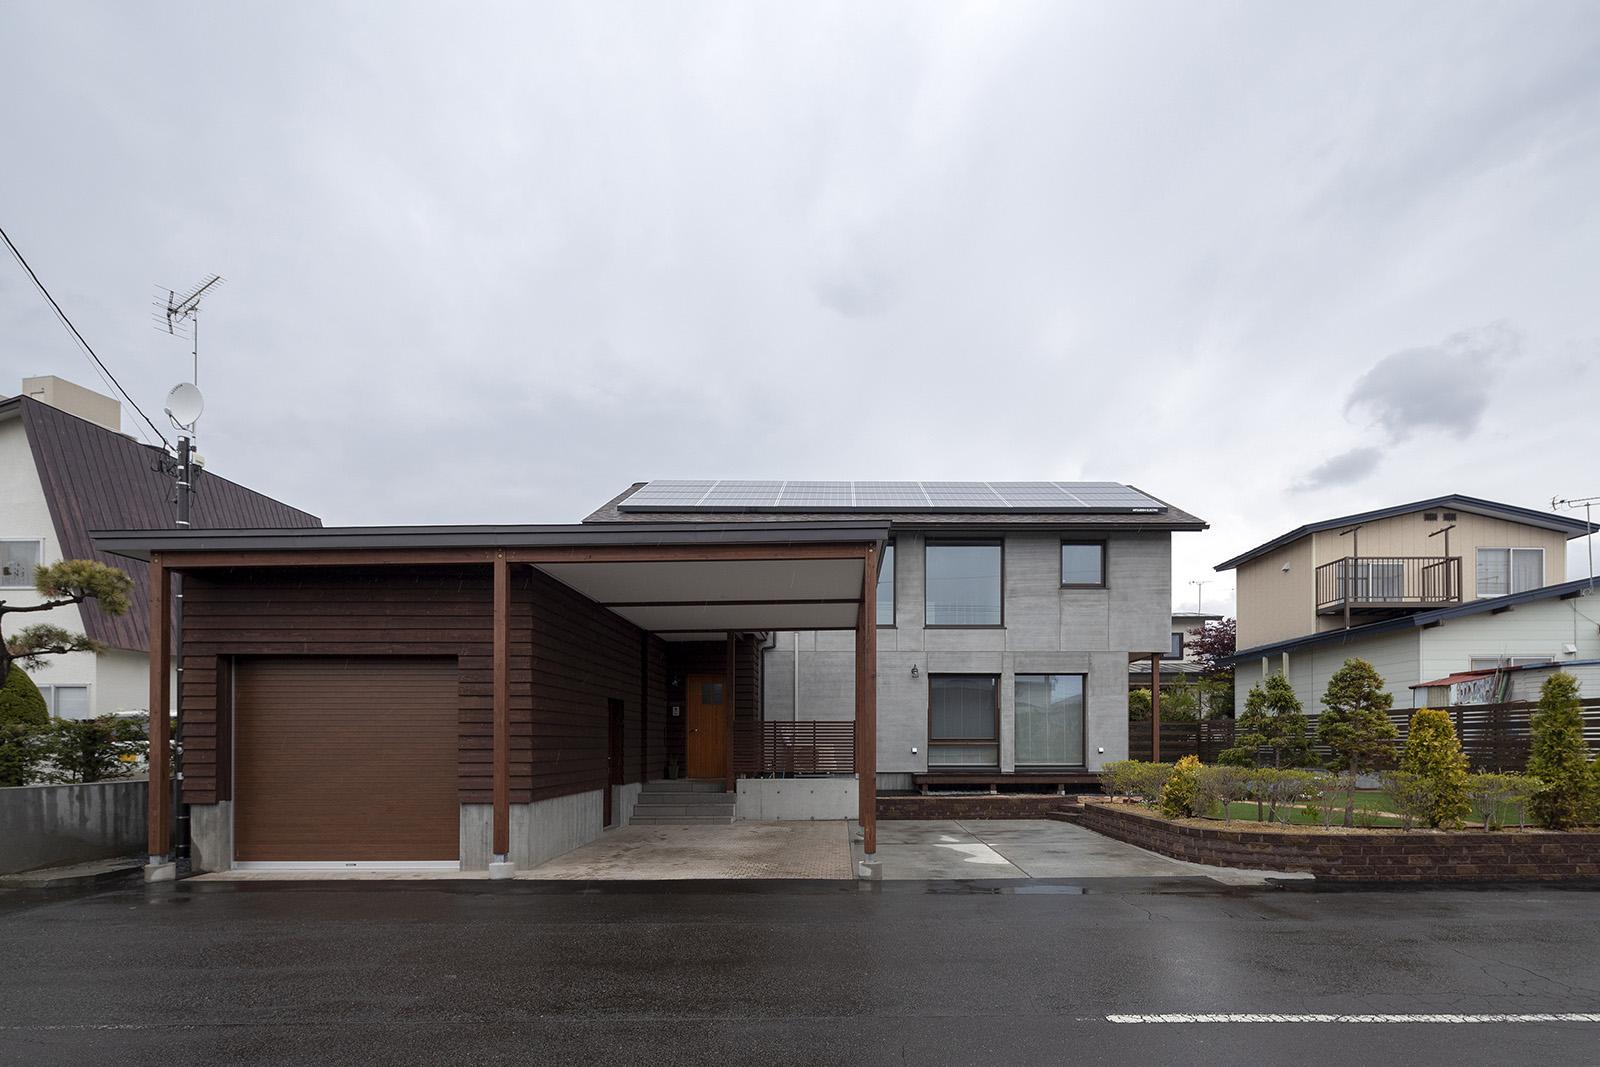 南に開口部を広く取ったMさん宅の外観。5寸勾配の切妻屋根に太陽光発電パネルを載せて創エネ